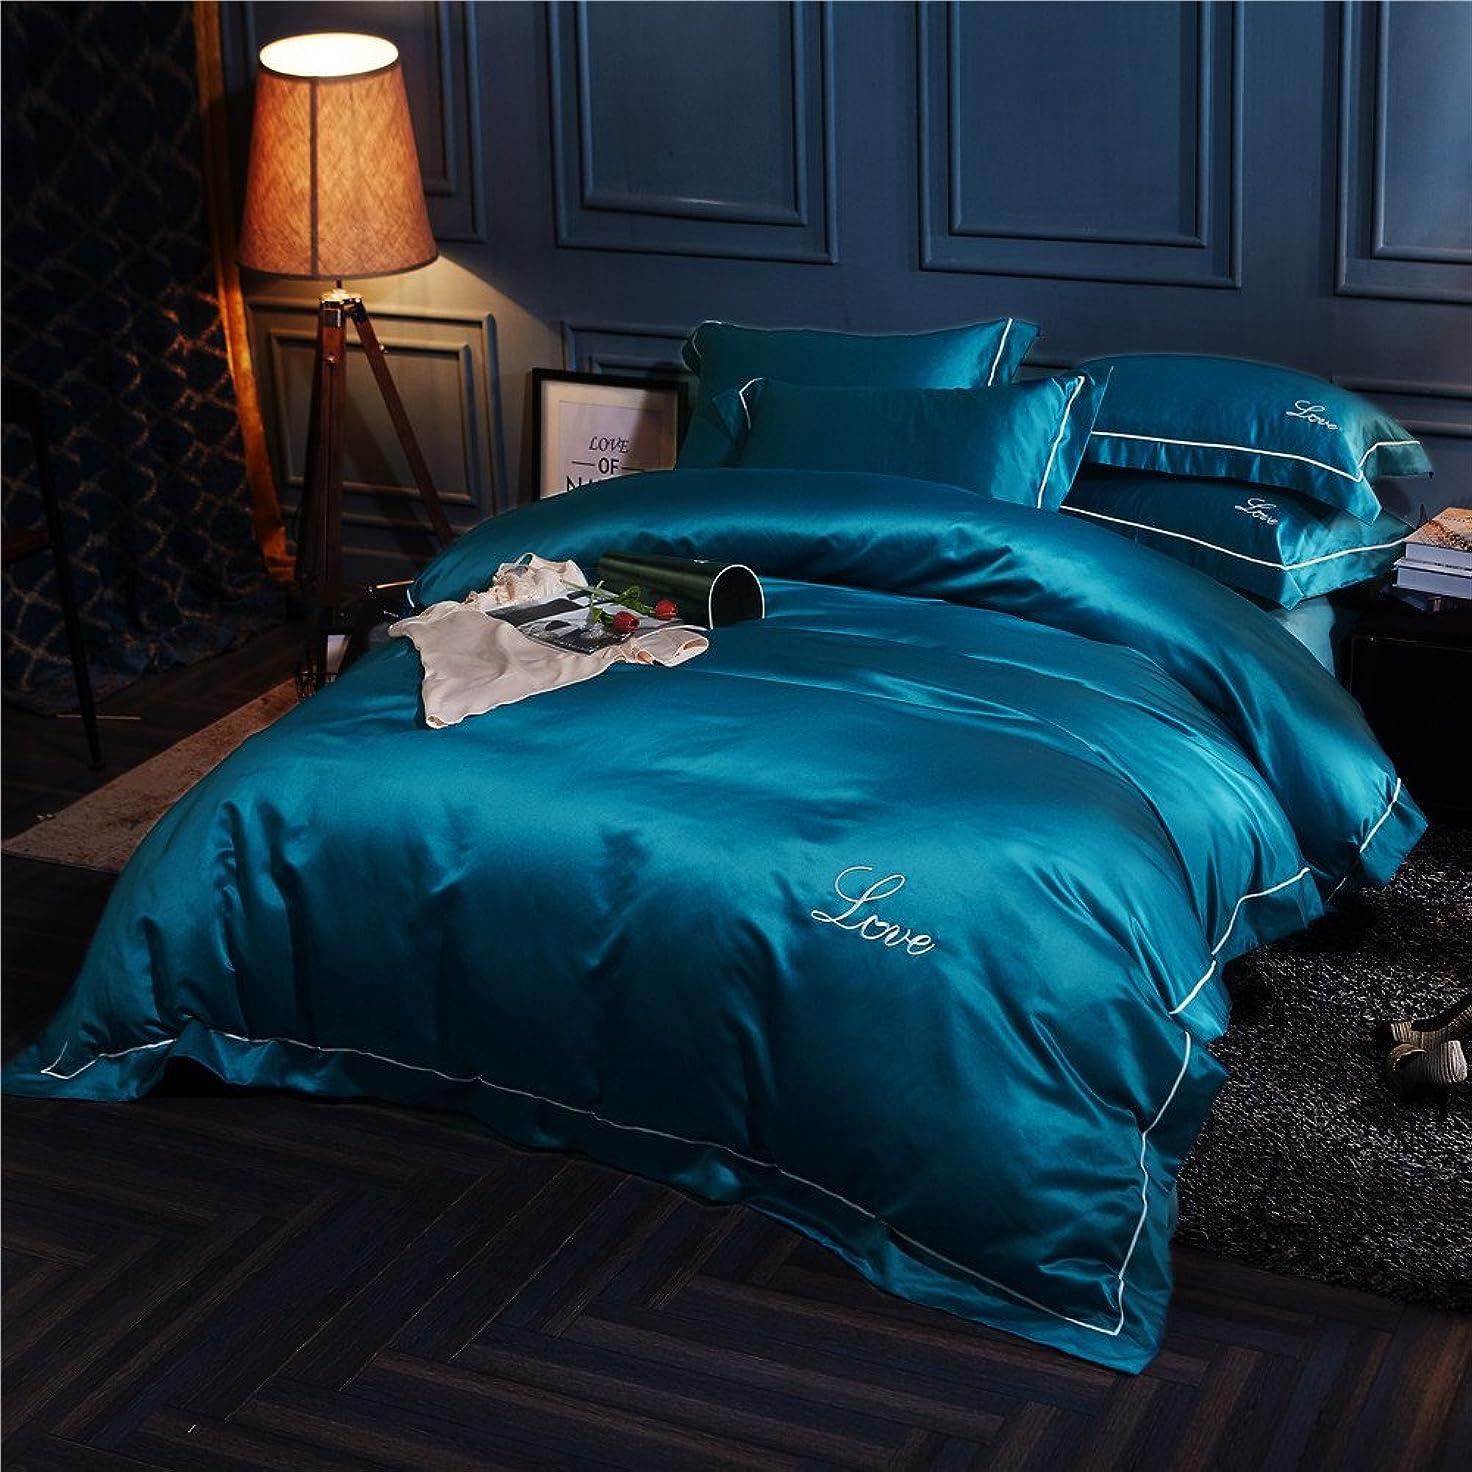 アルミニウム首謀者しおれた寝具カバーセット 和式 無地 天然サテン そして コツトン 布団カバー 4点セット ベッド用 枕カバー 掛けカバー ボックスシーツ 四節通用 おしゃれ 四節通用 抗菌